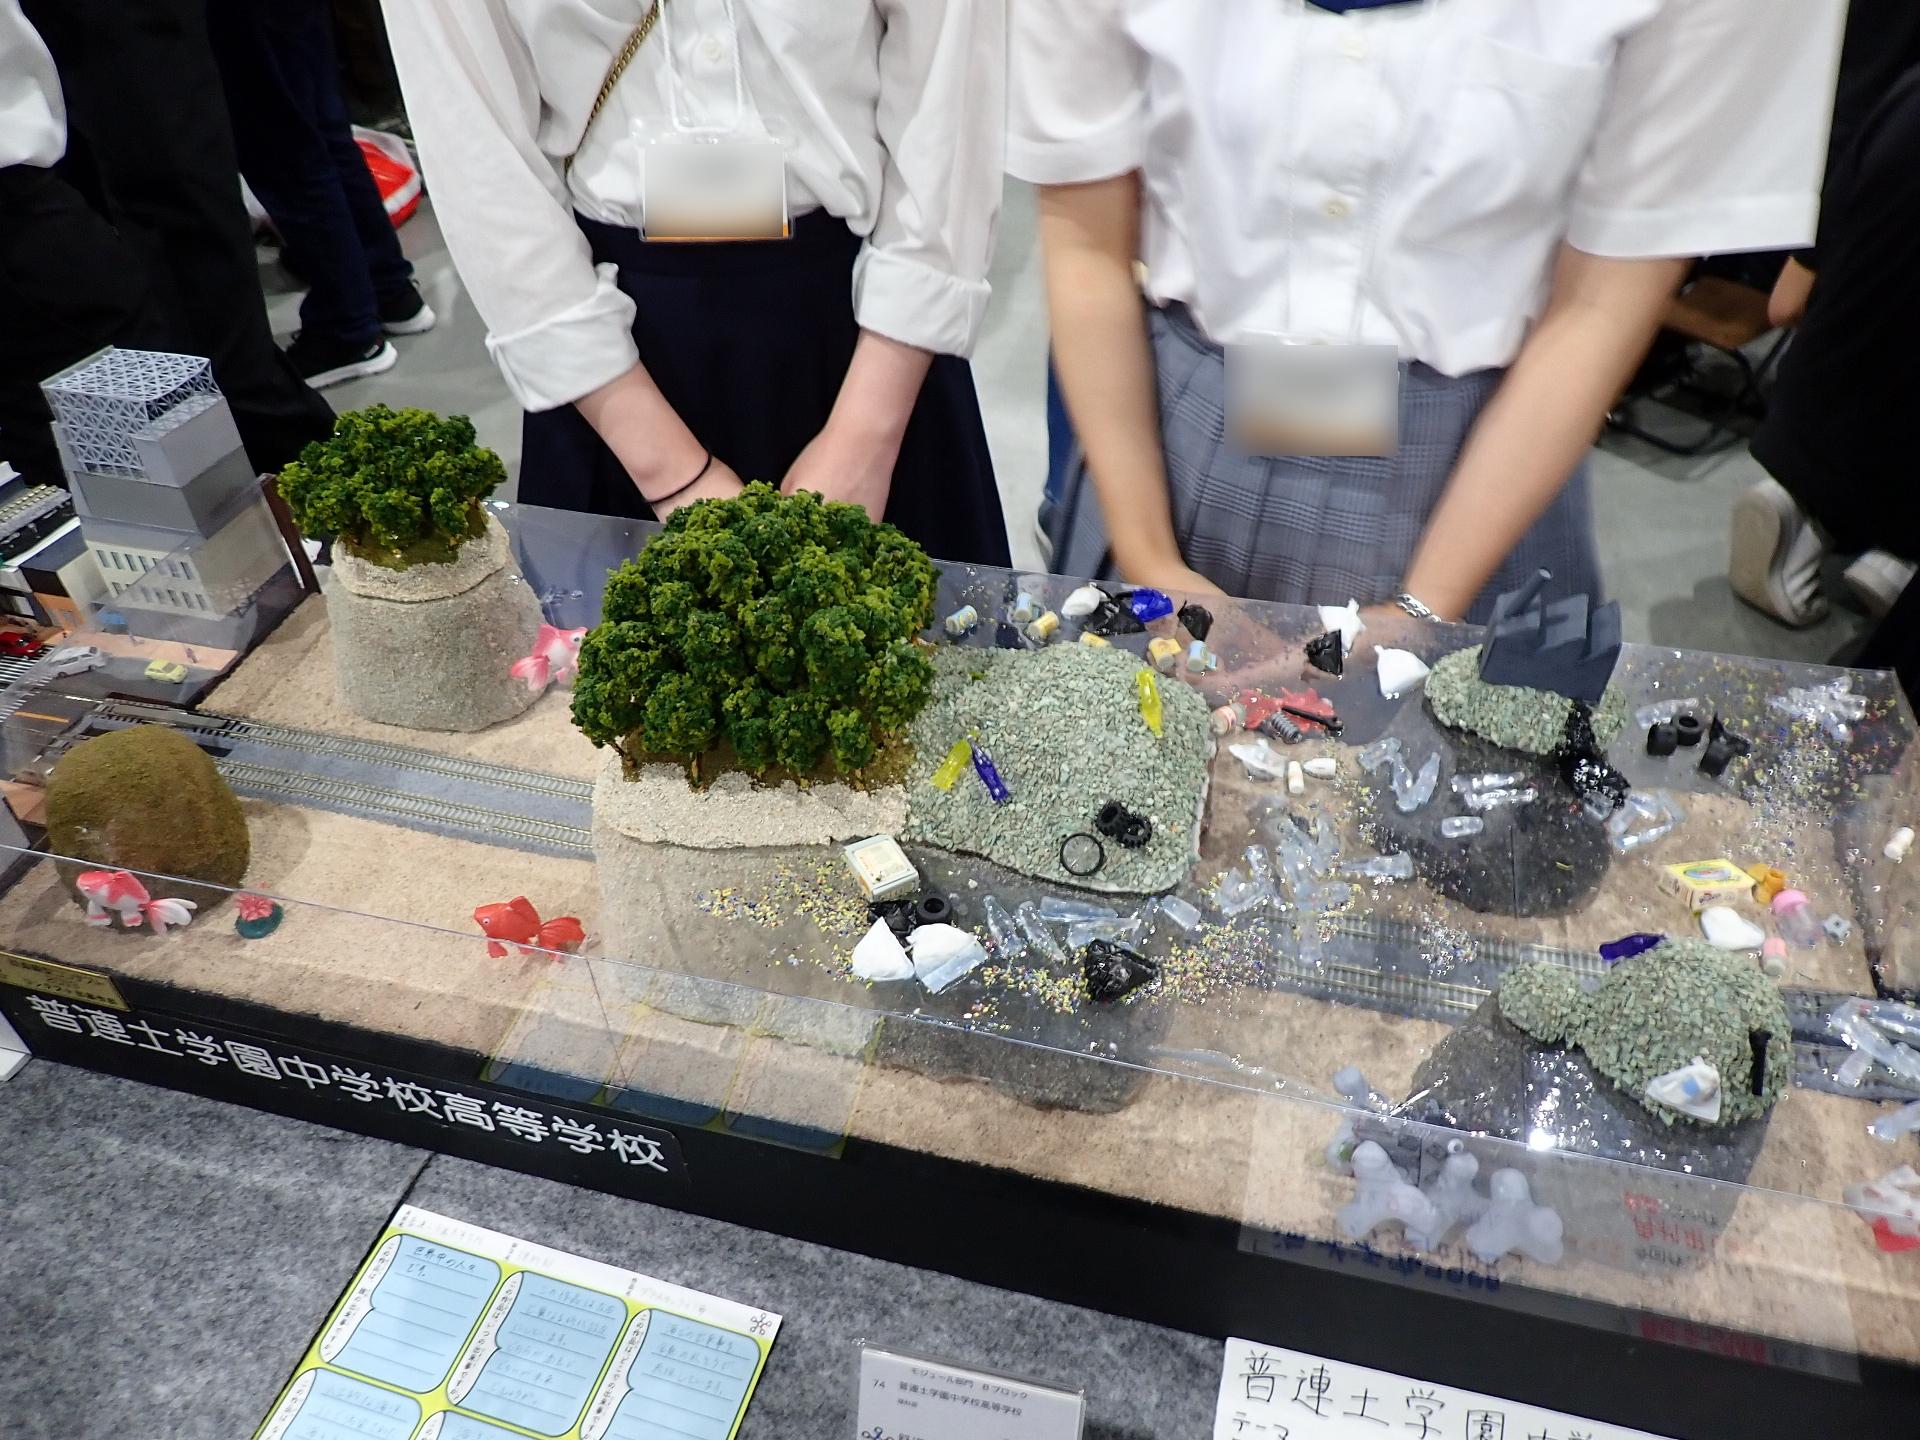 マイクロプラスチック海洋汚染をテーマにしたシーナリー。